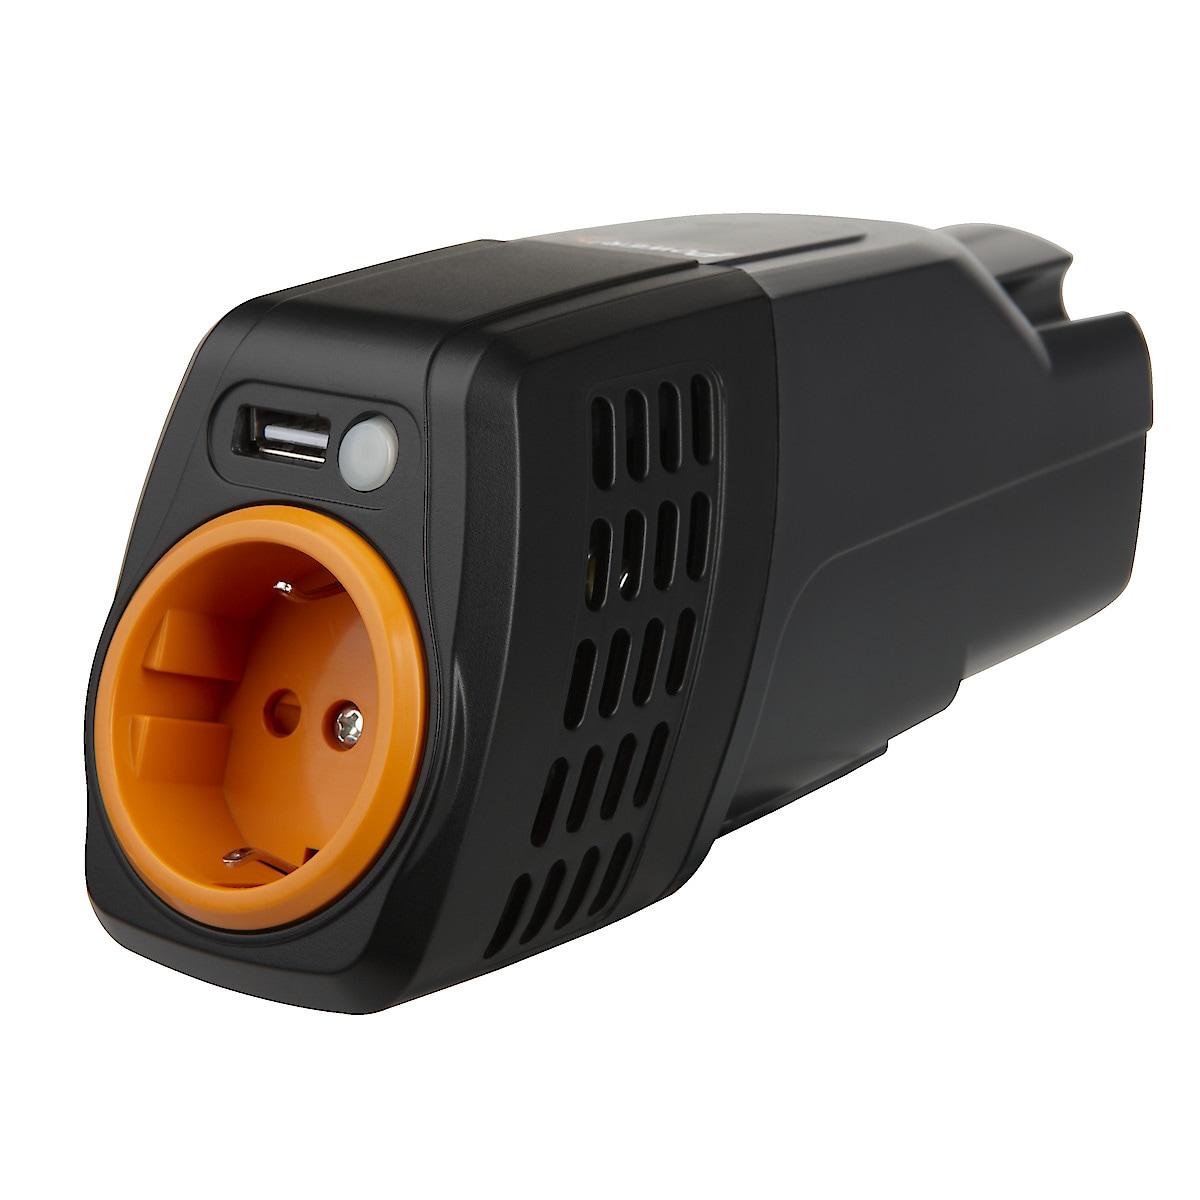 12 V spenningsomformer DCDC 100 W | Clas Ohlson